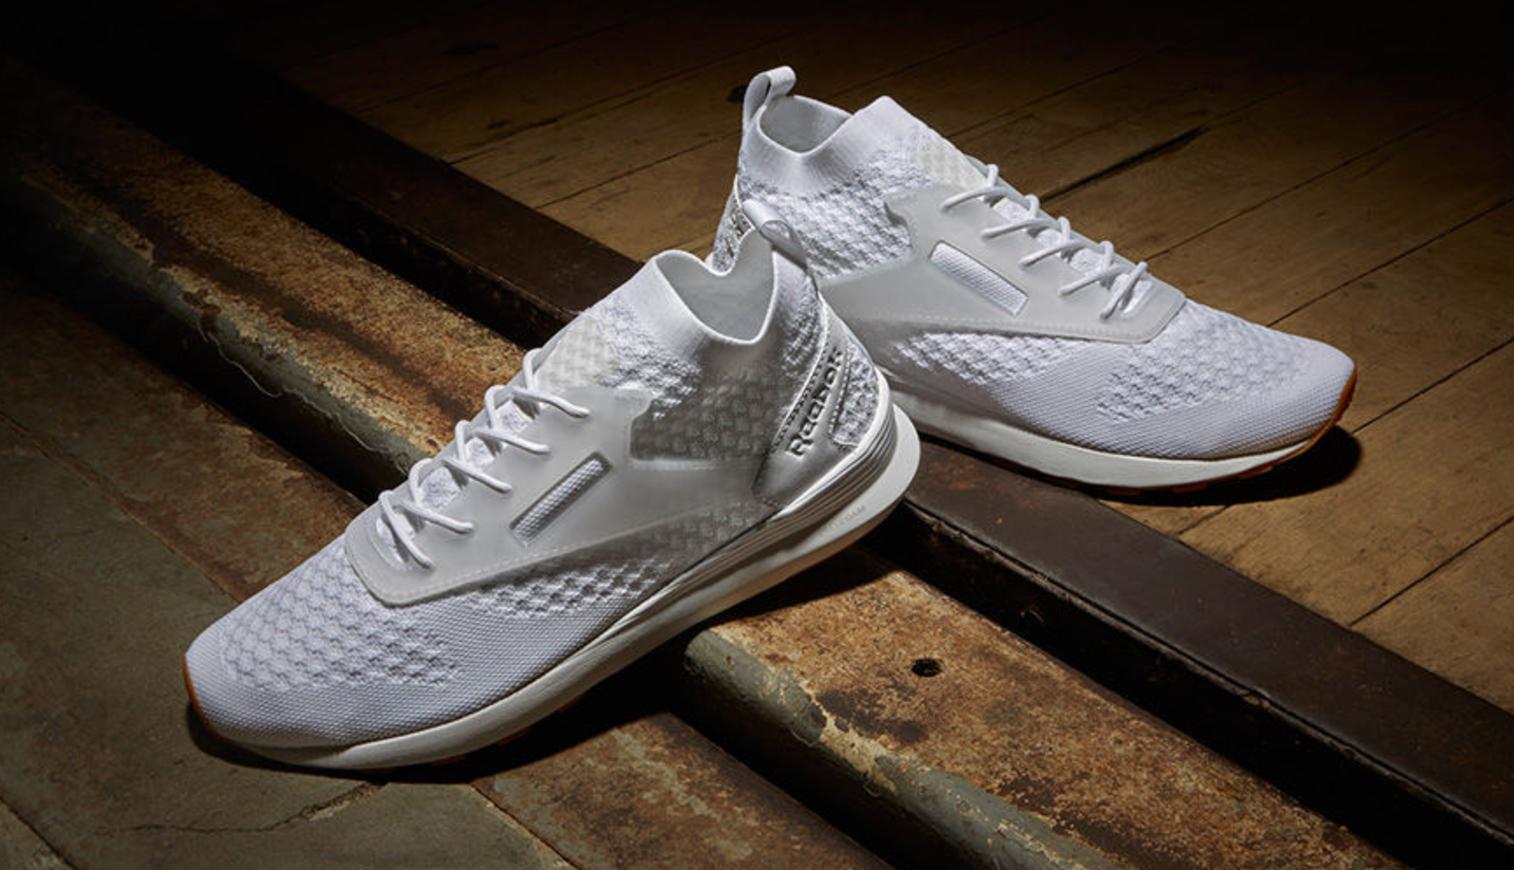 reebok zoku runner ultraknit gum pack 3 · Kicks Off Court   Reebok ... 82d29fef0